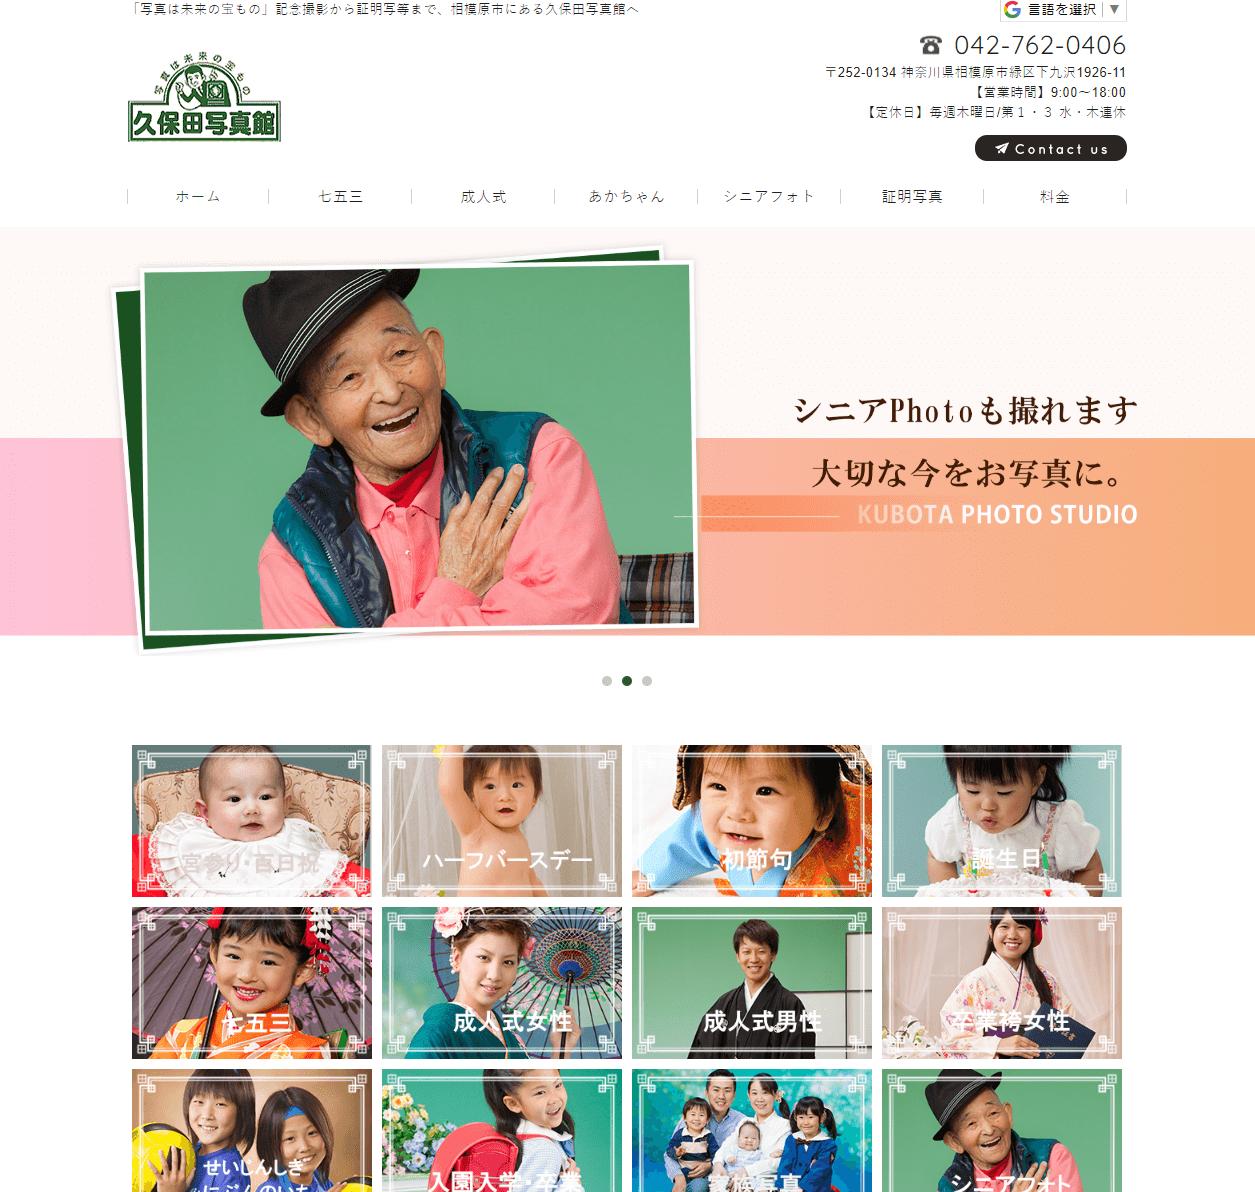 """<span class=""""title"""">久保田写真館の口コミや評判</span>"""